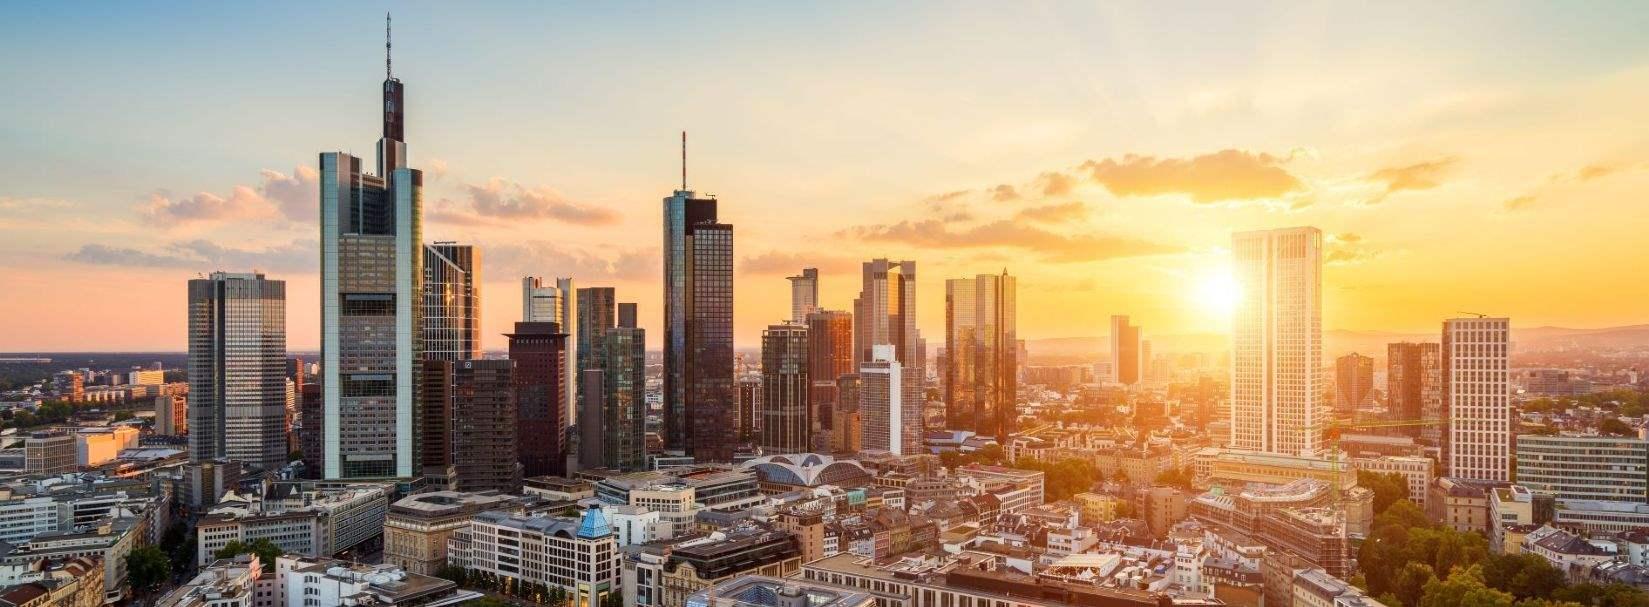 Preissteigerungen, Potenziale, Portfolioerweiterungen: Frankfurter Value-Add ist en vogue